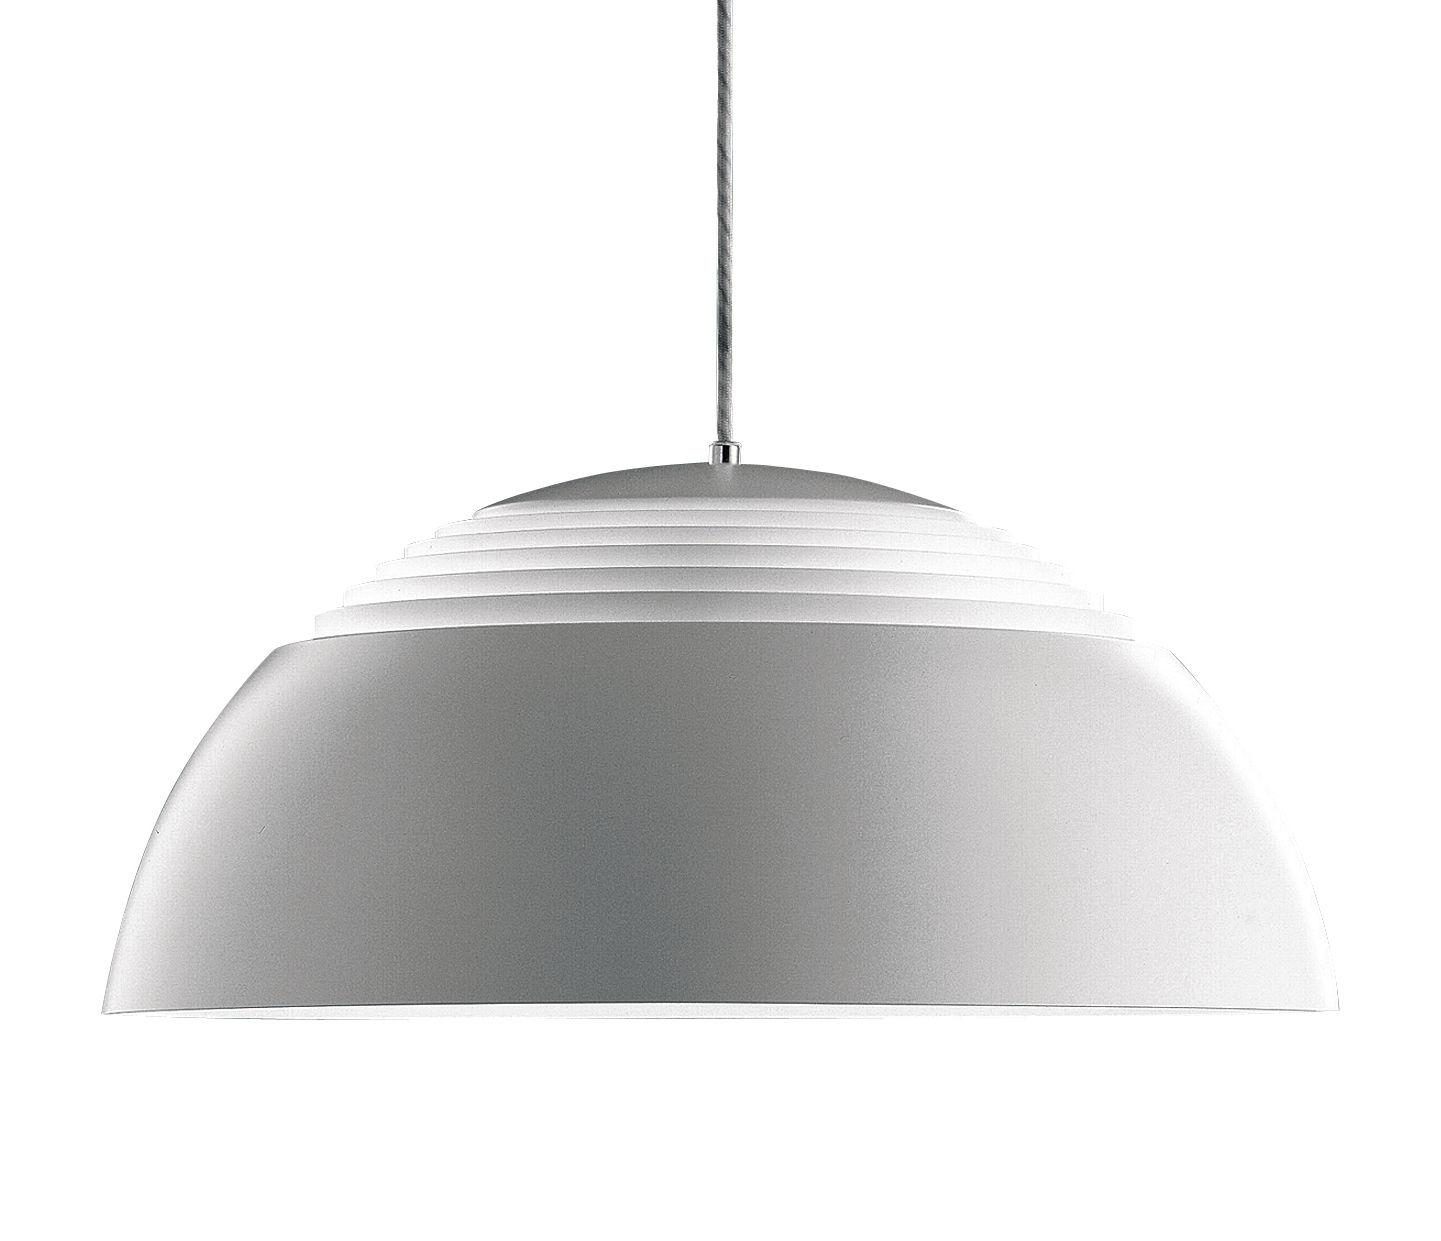 Luminaire - Suspensions - Suspension AJ Royal Ø 37 cm - Louis Poulsen - Blanc - Acier, Acrylique